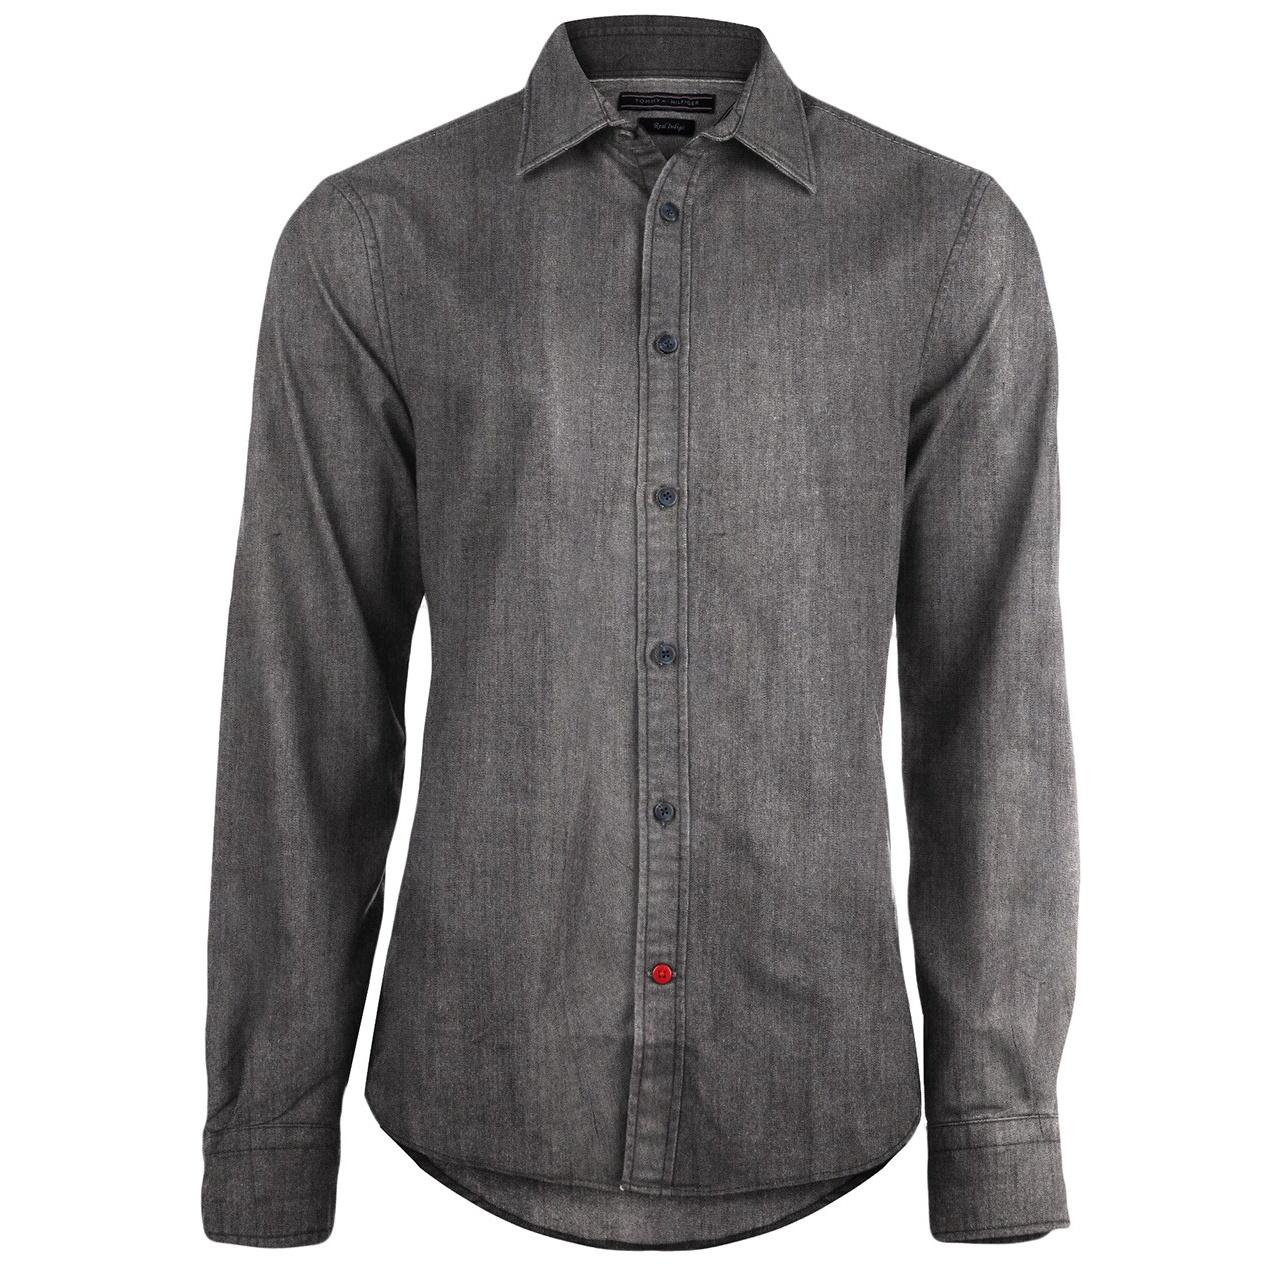 پیراهن آستین بلند مردانه تامی هلفیگر  مدل 54